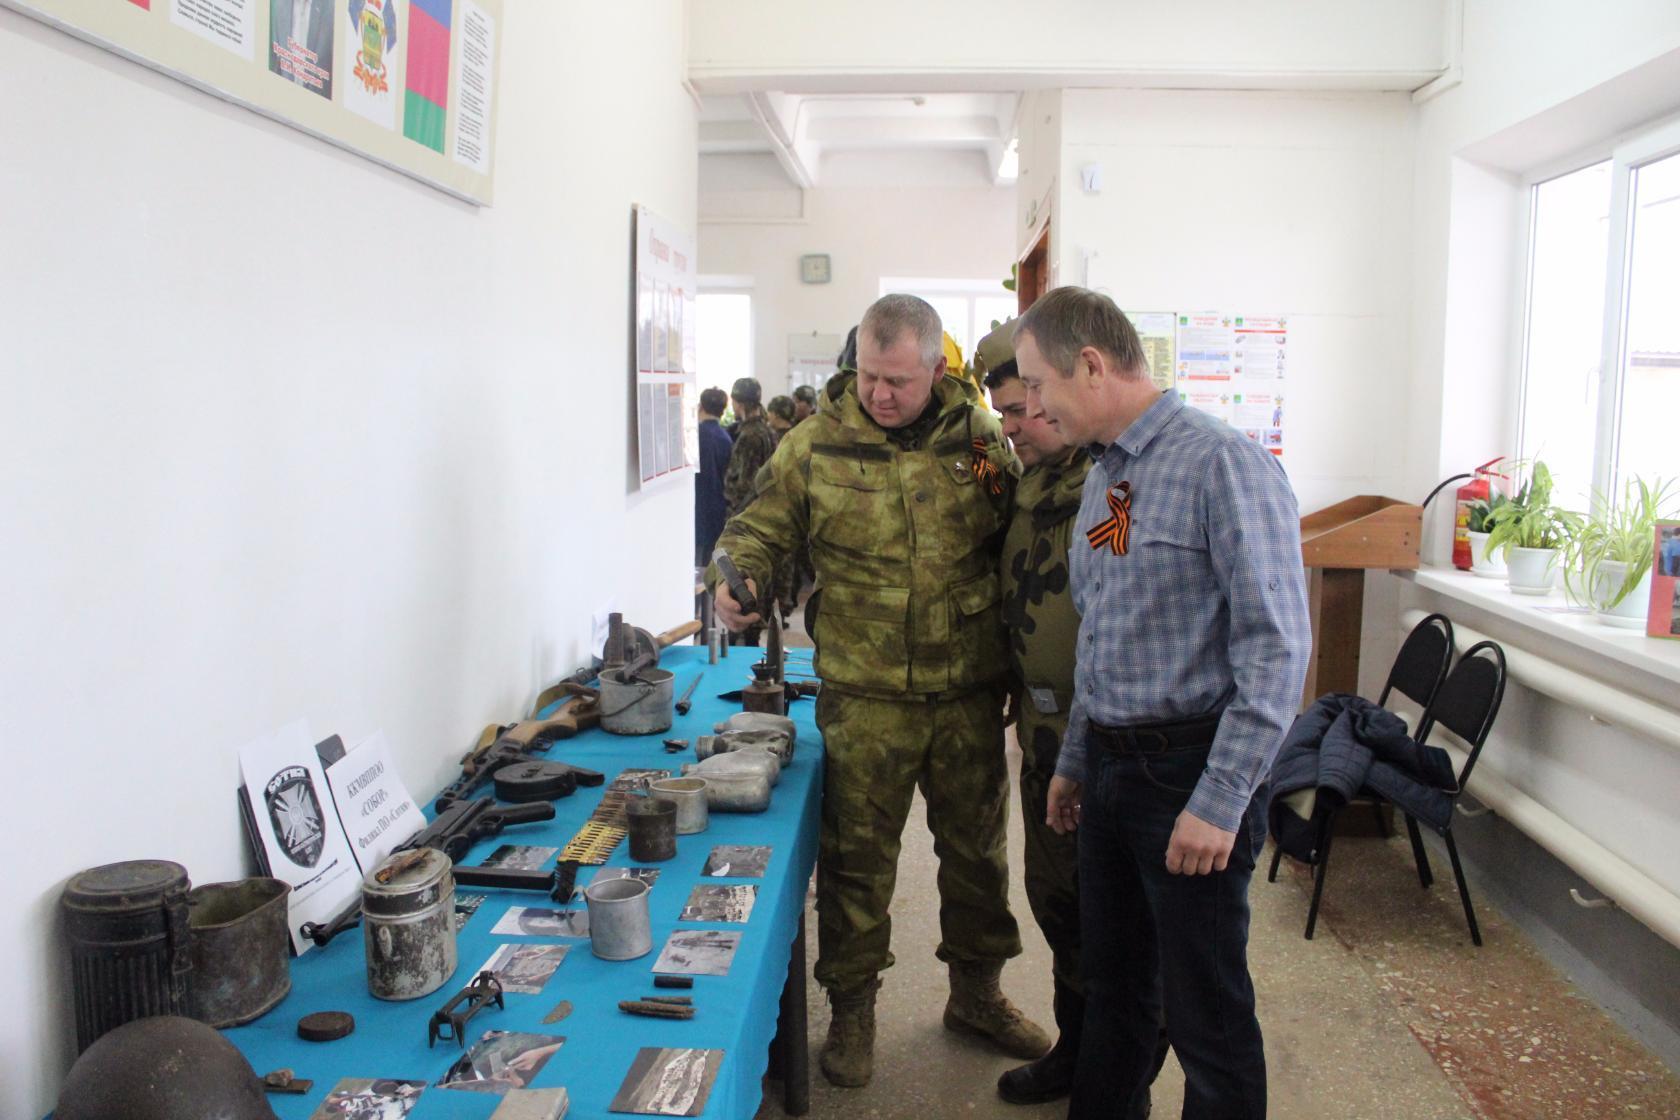 Казаки из станицы Холмской организовали выставку экспонатов, найденных на полях сражений Великой Отечественной войны